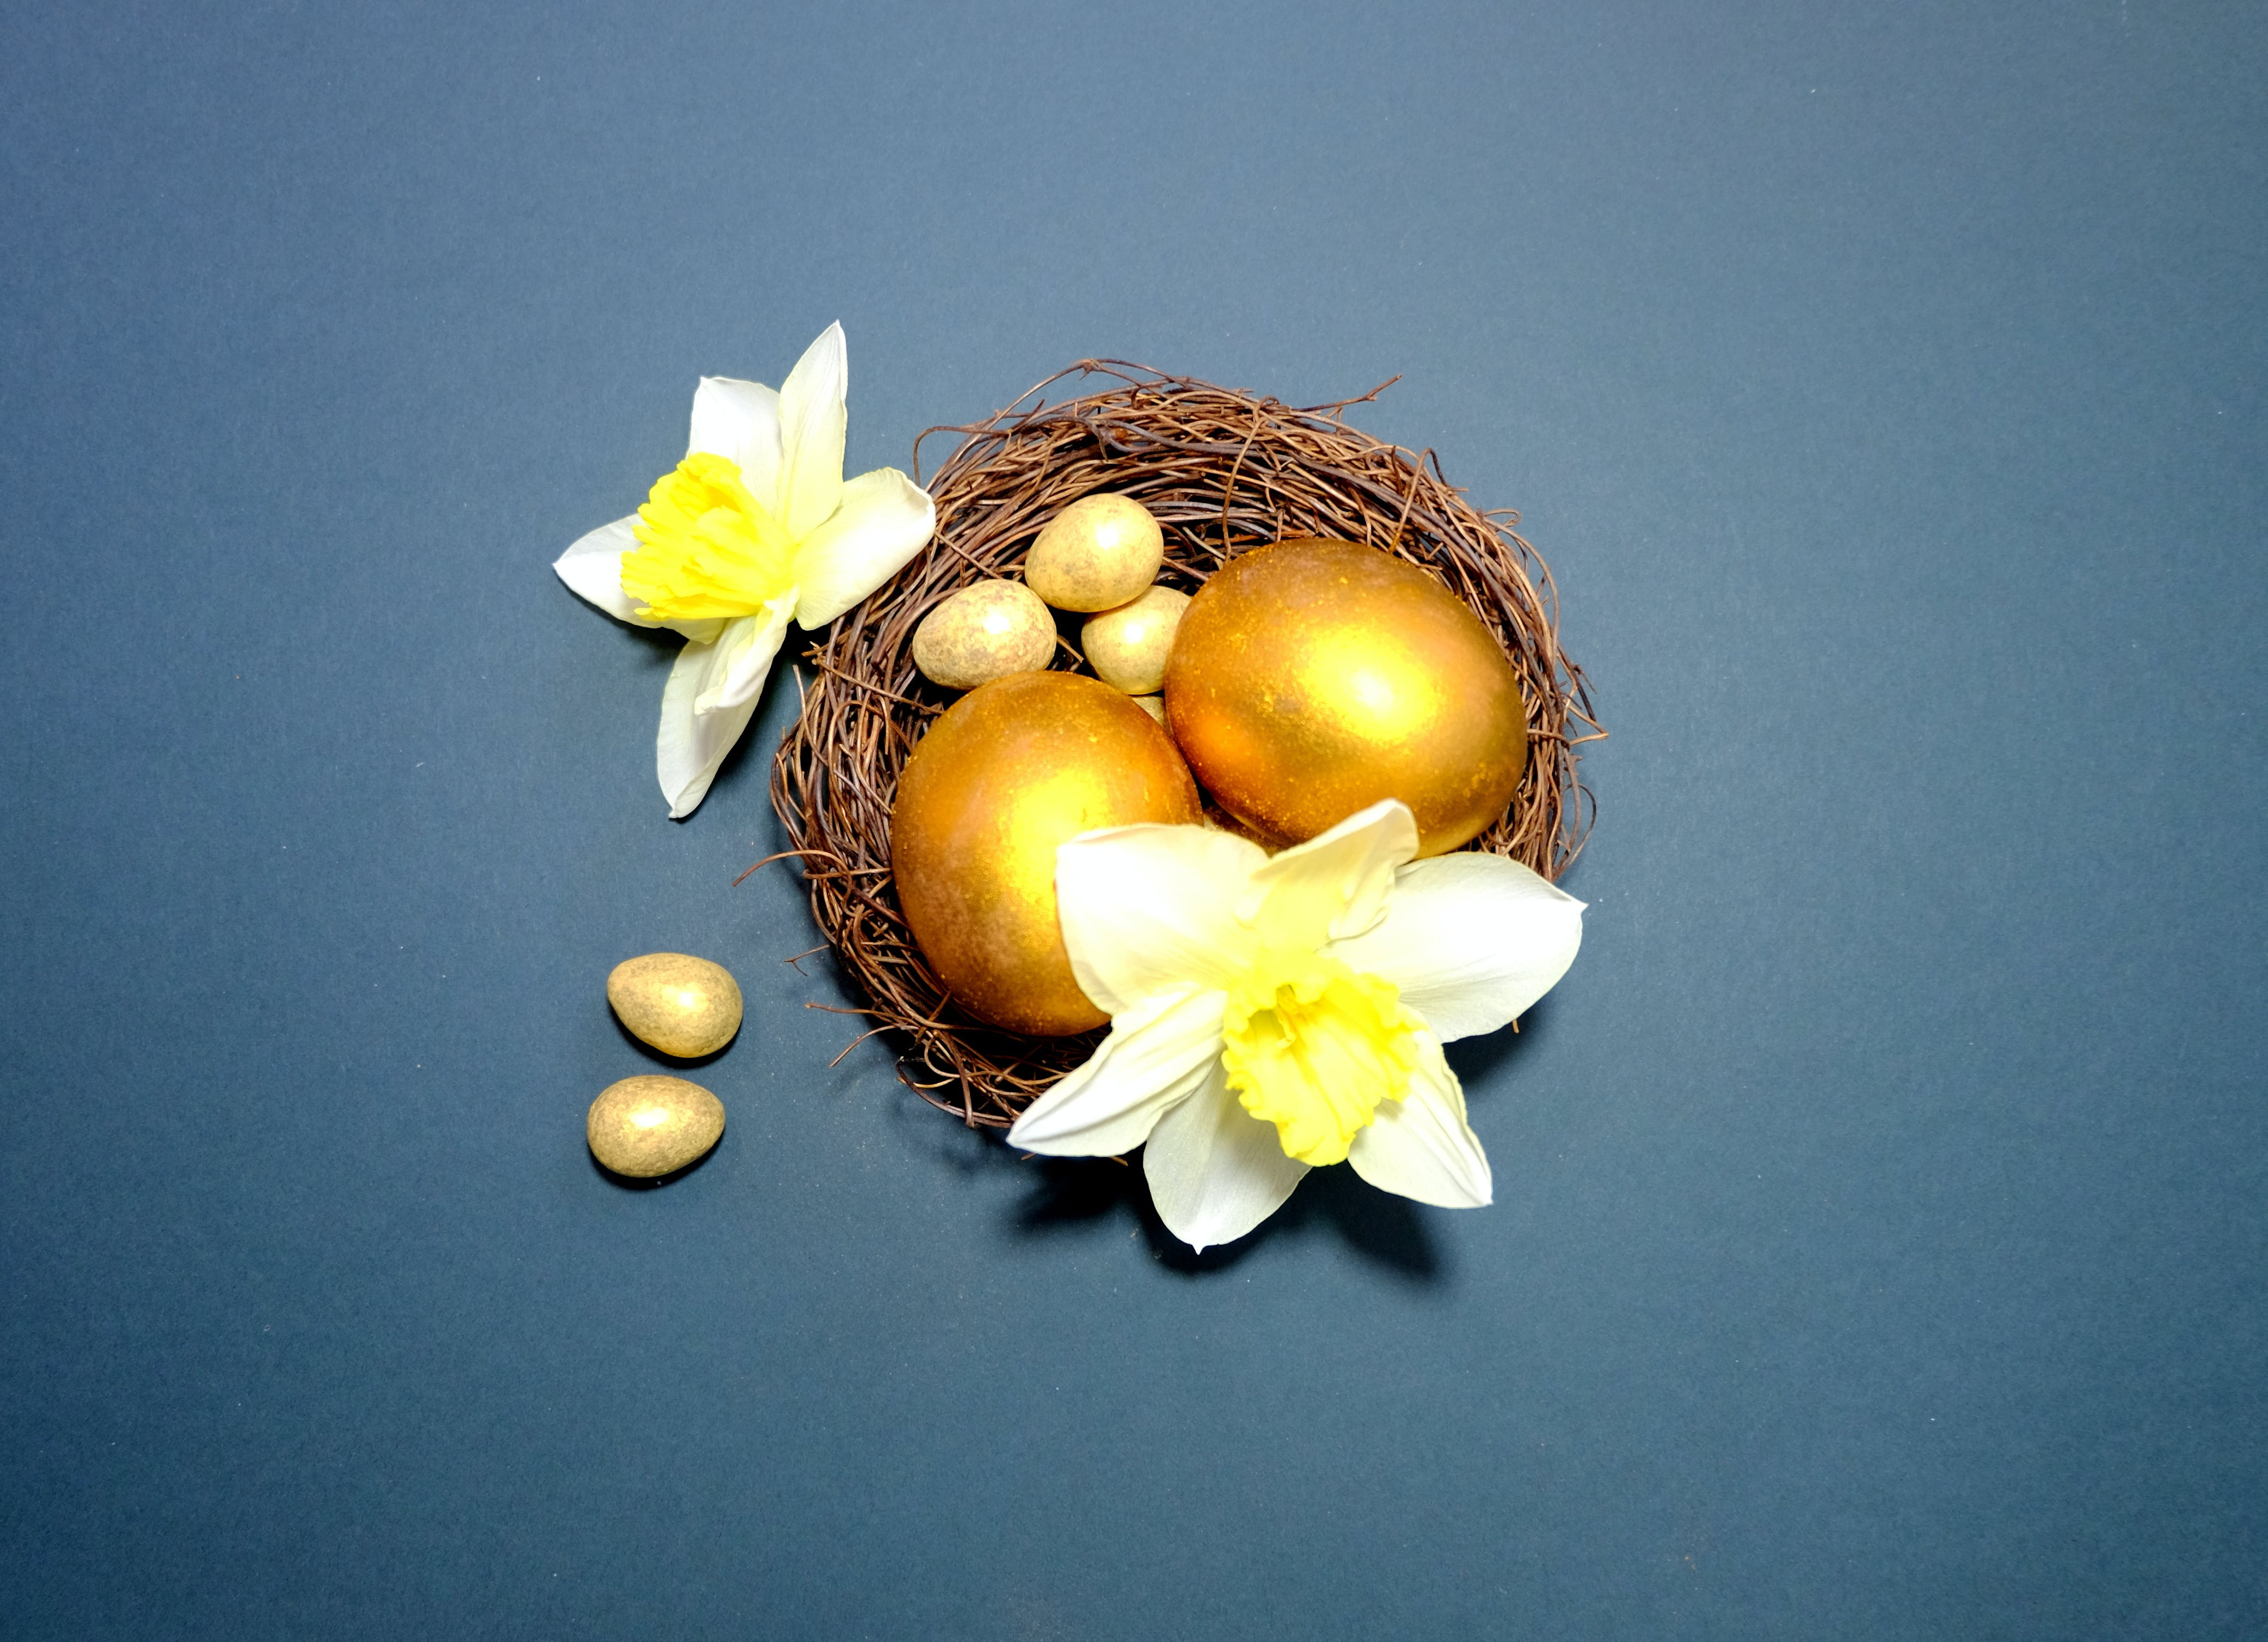 Free stock photo of easter, egg, eggs, flowers